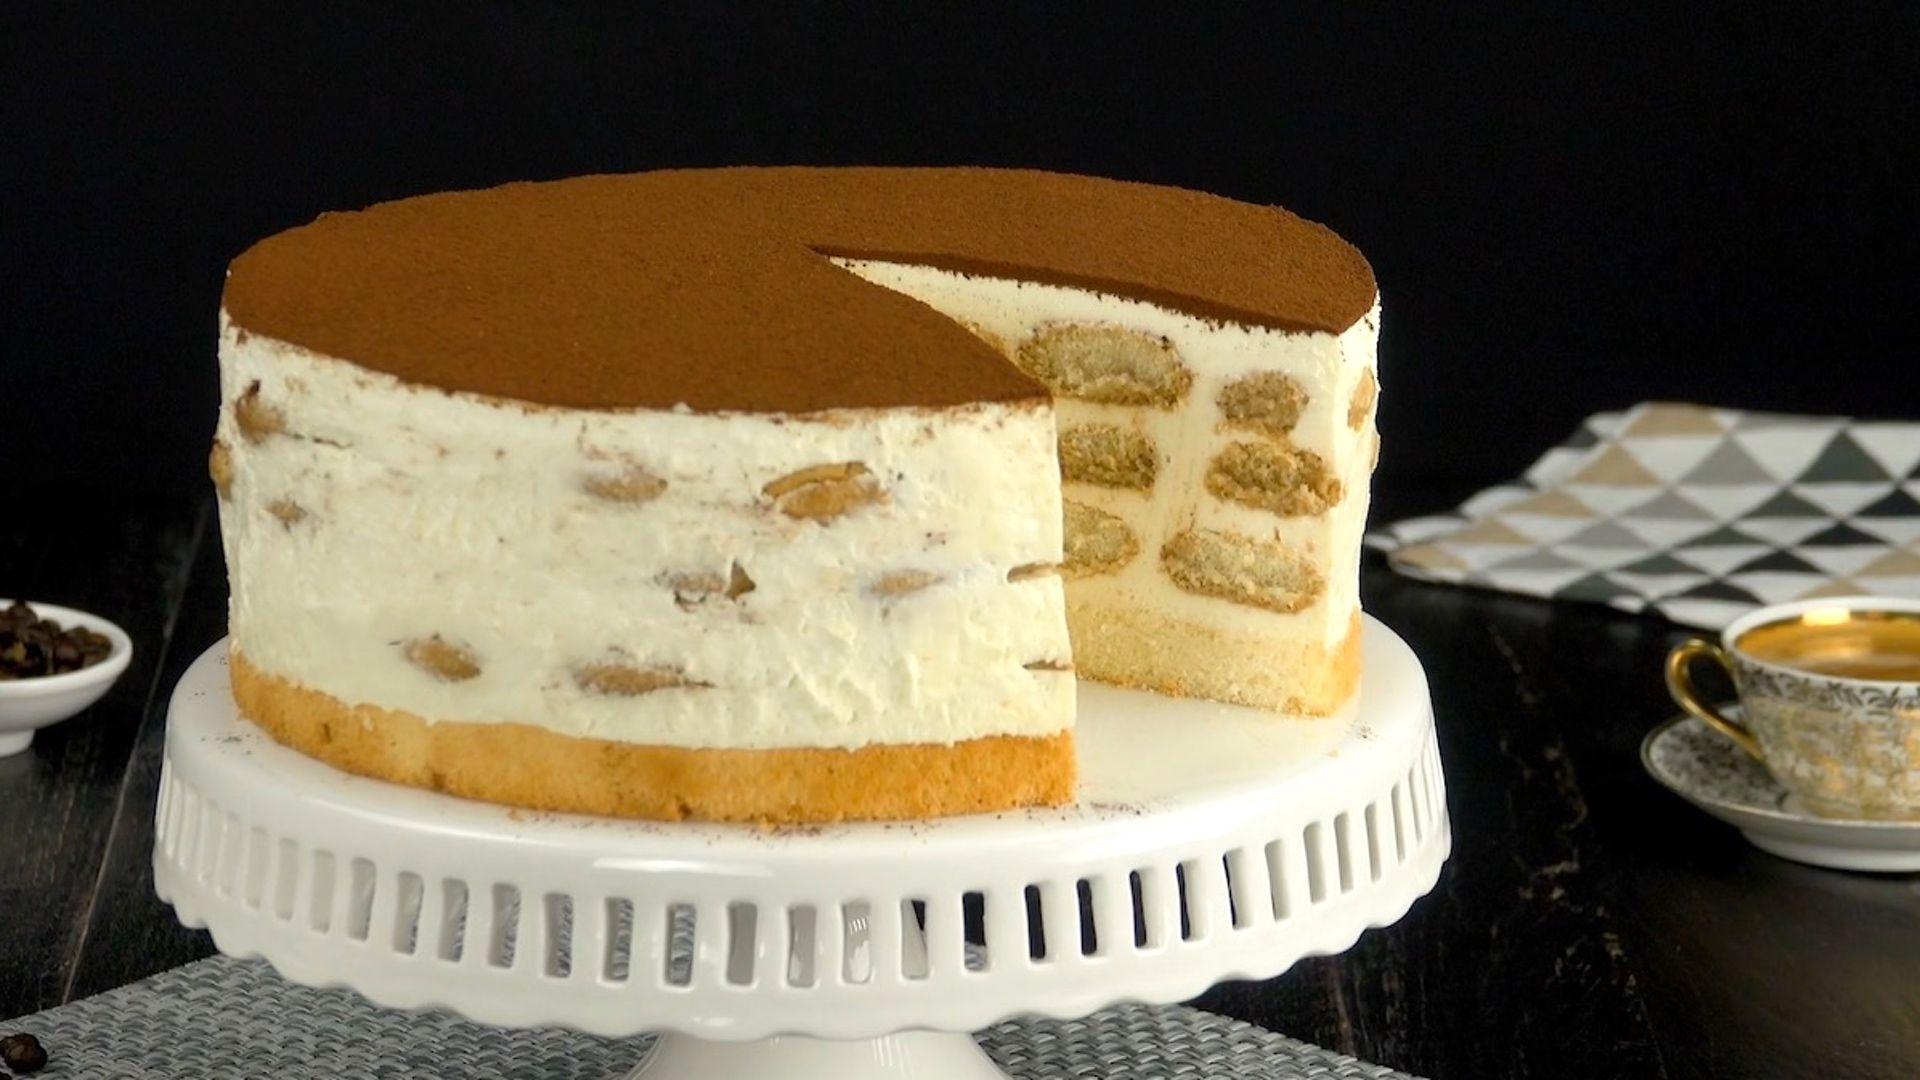 Aus Kult-Dessert wird Torten-Hit #löffelbiskuitrezept